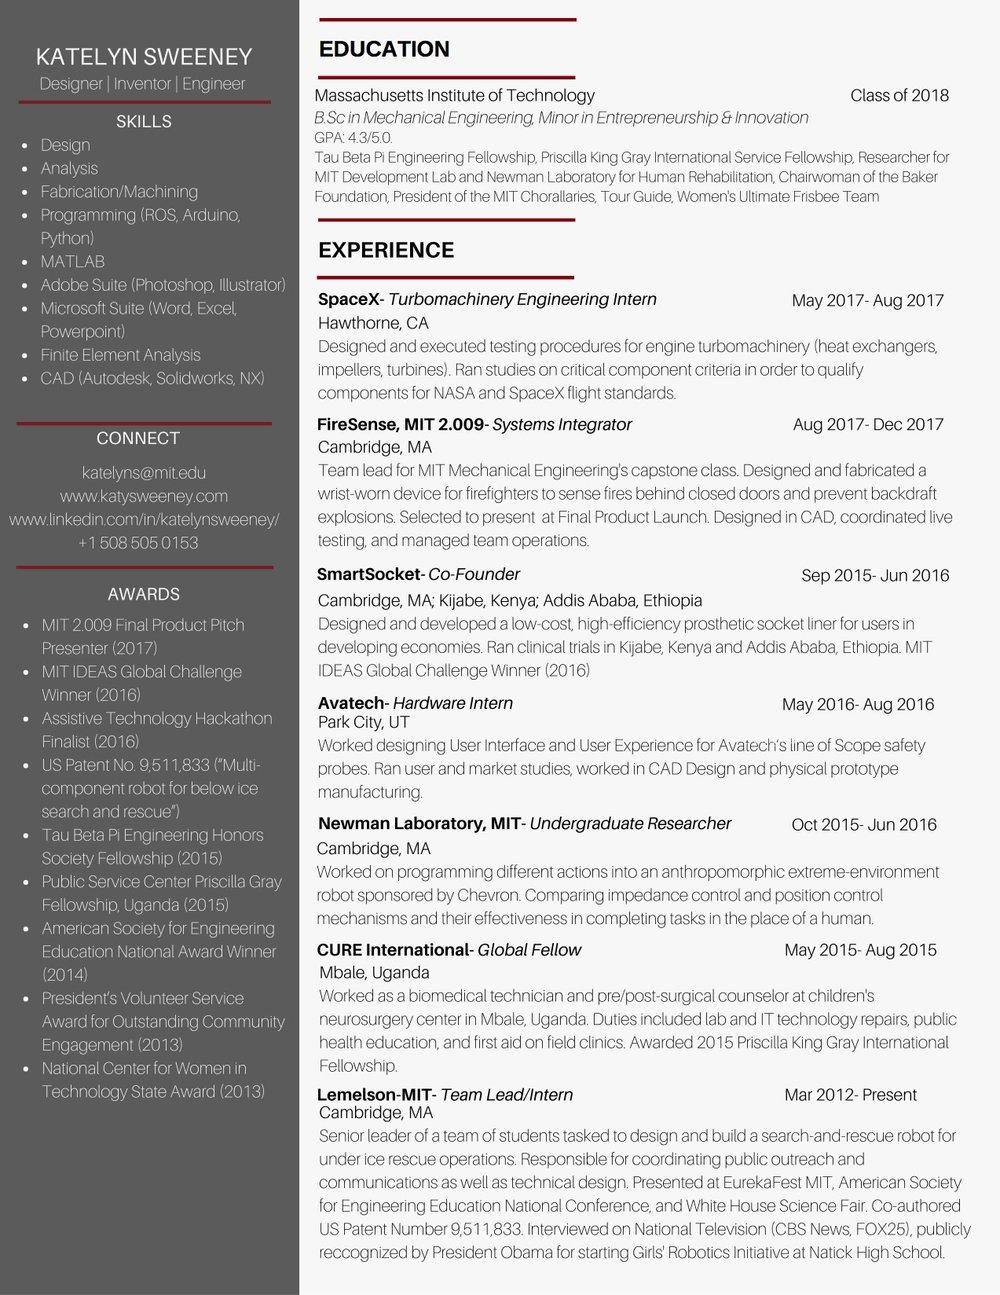 Resume — Katelyn Sweeney